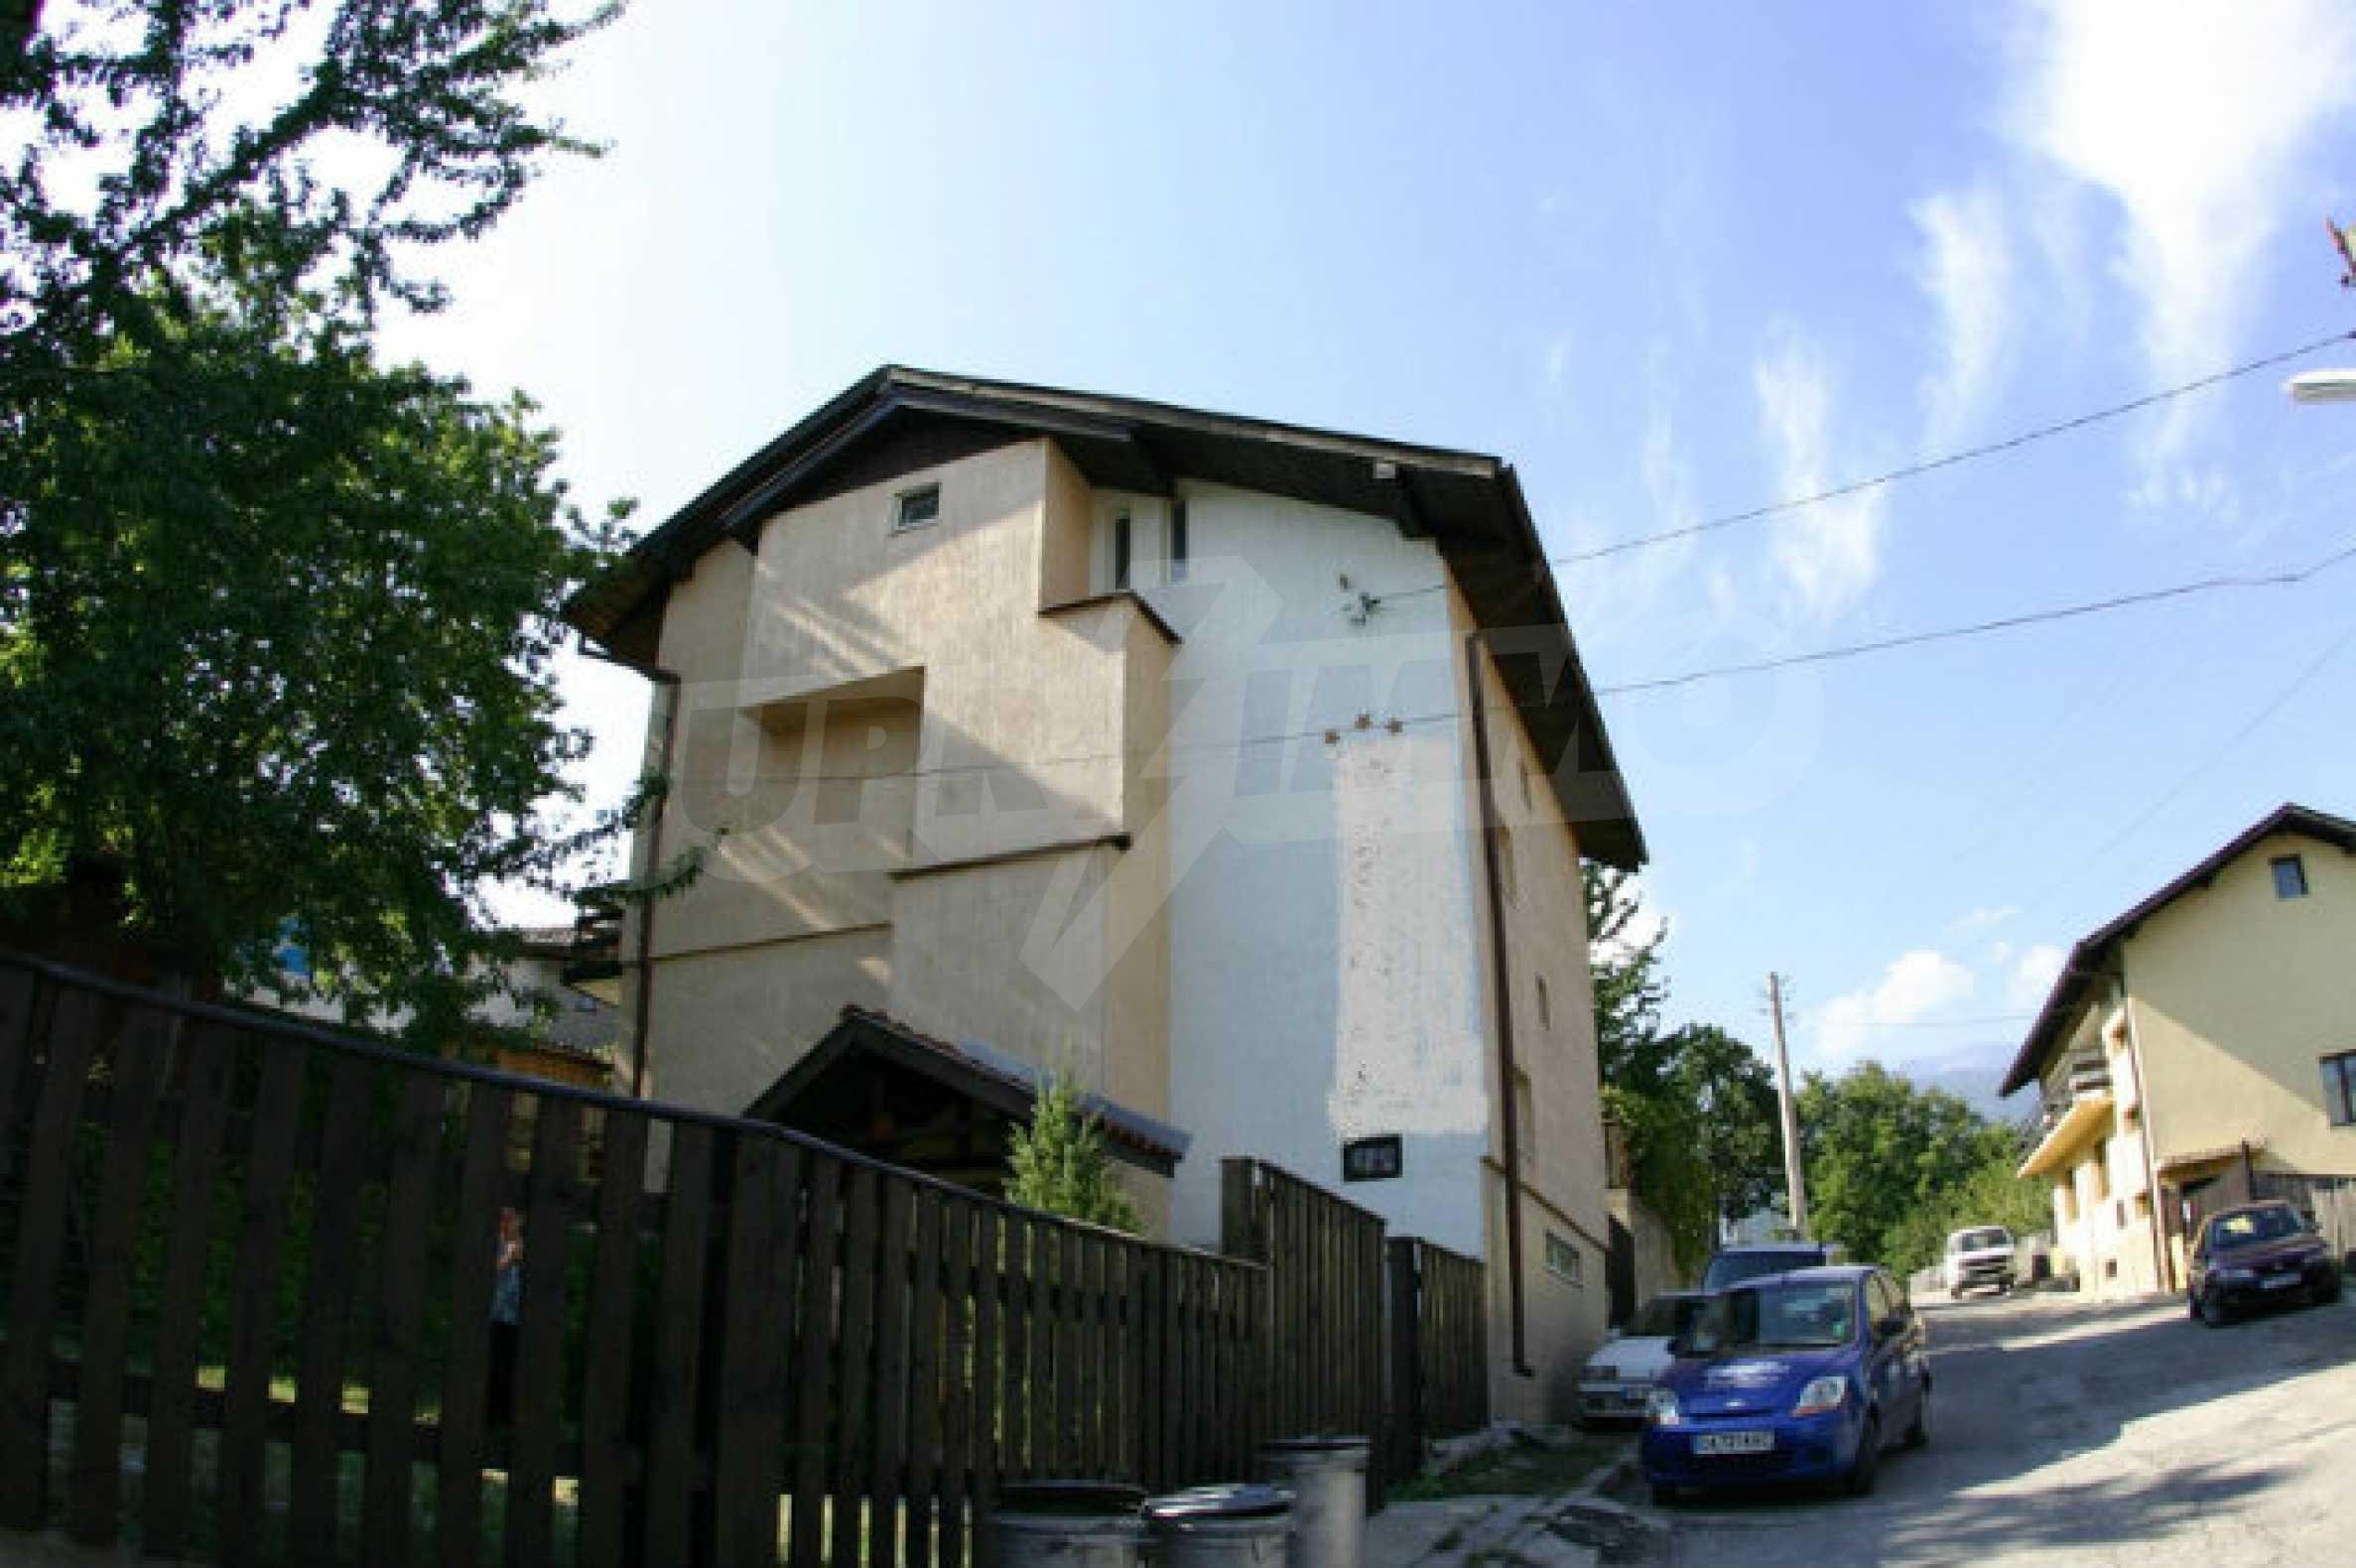 Familienhotel zum Verkauf in Dobrinischte, 6 km von Bansko entfernt